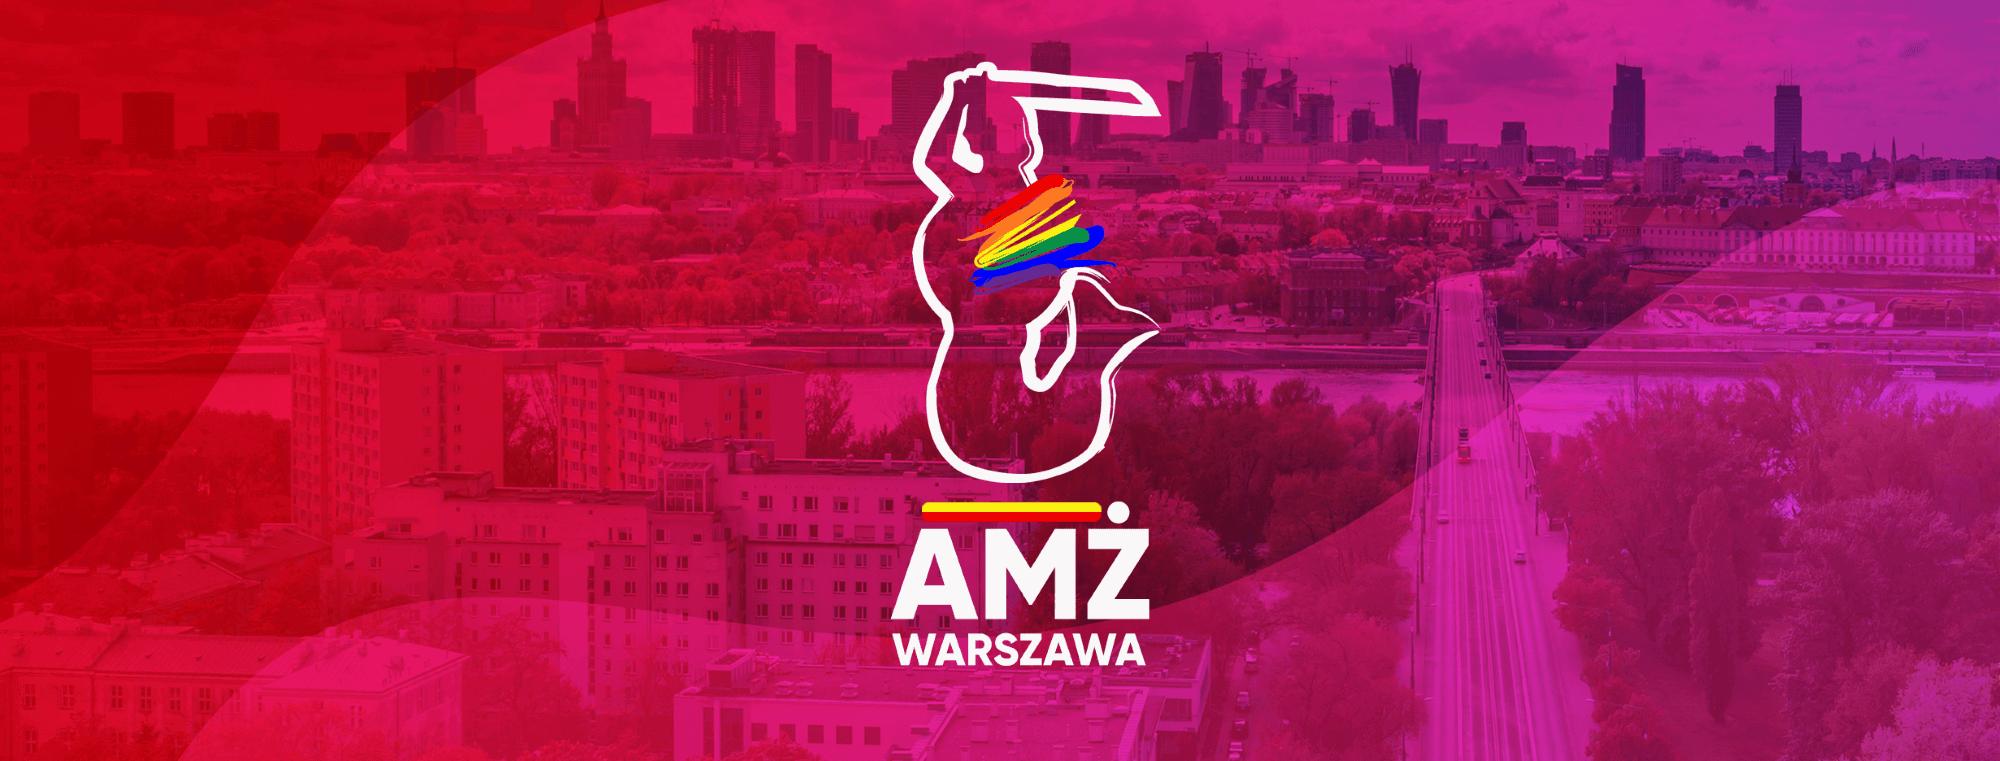 Anna-Maria Żukowska - SLD Warszawa